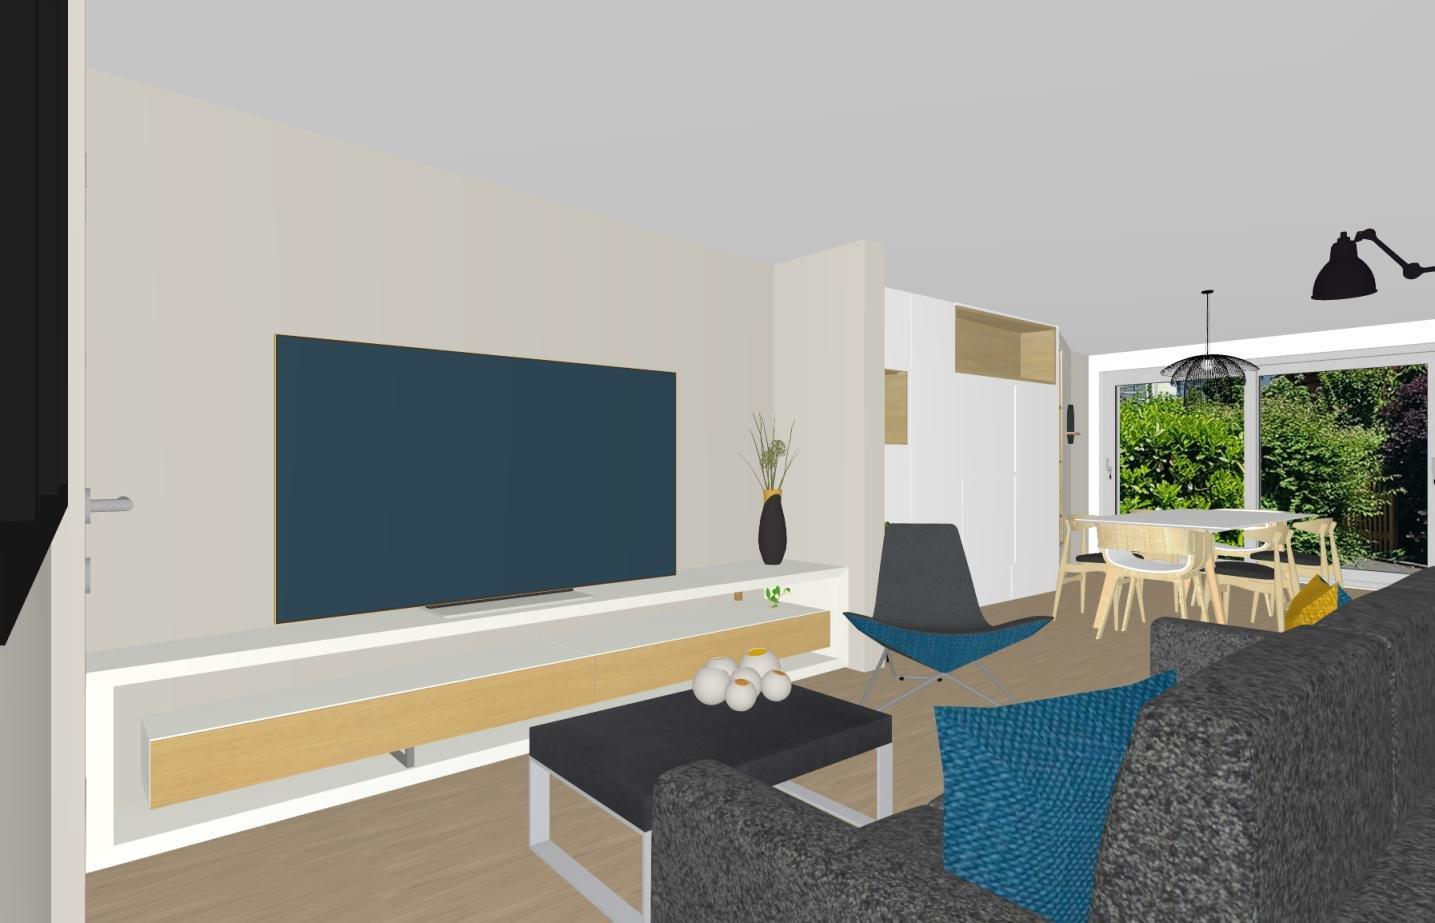 Appartement RDC 49 m2 – 1 chambre – Saint-Jean-de-Monts